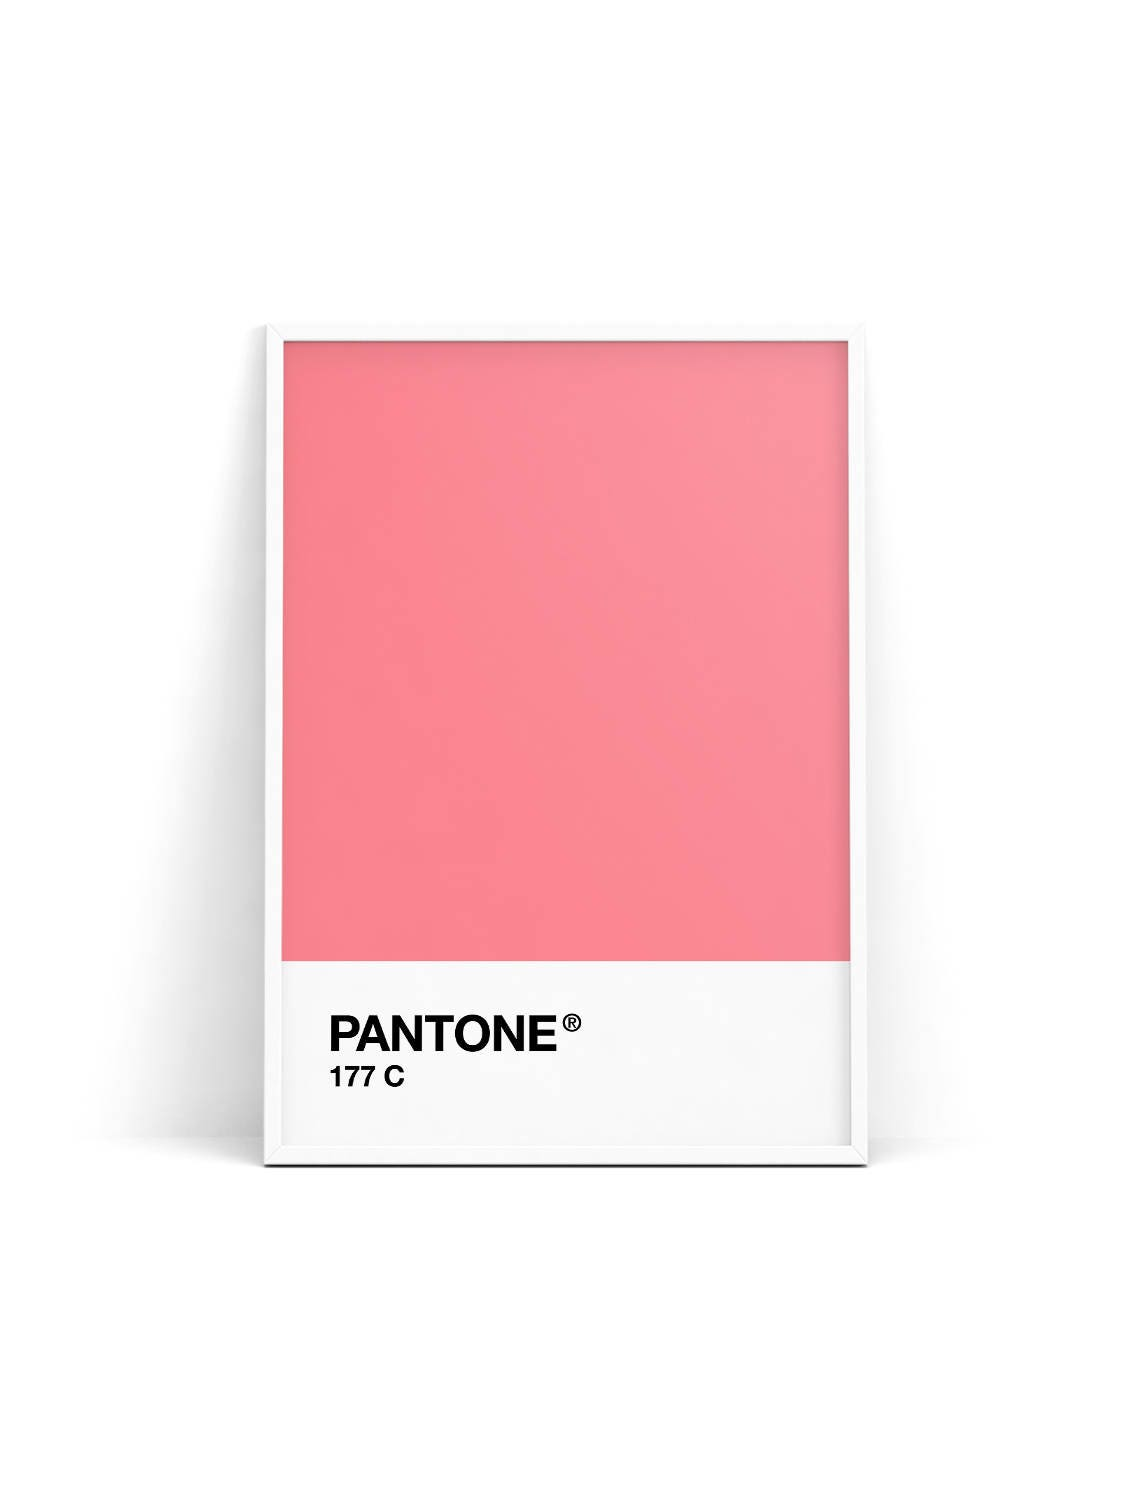 Pantone print Pantone poster Pantone Pink 177C Wall